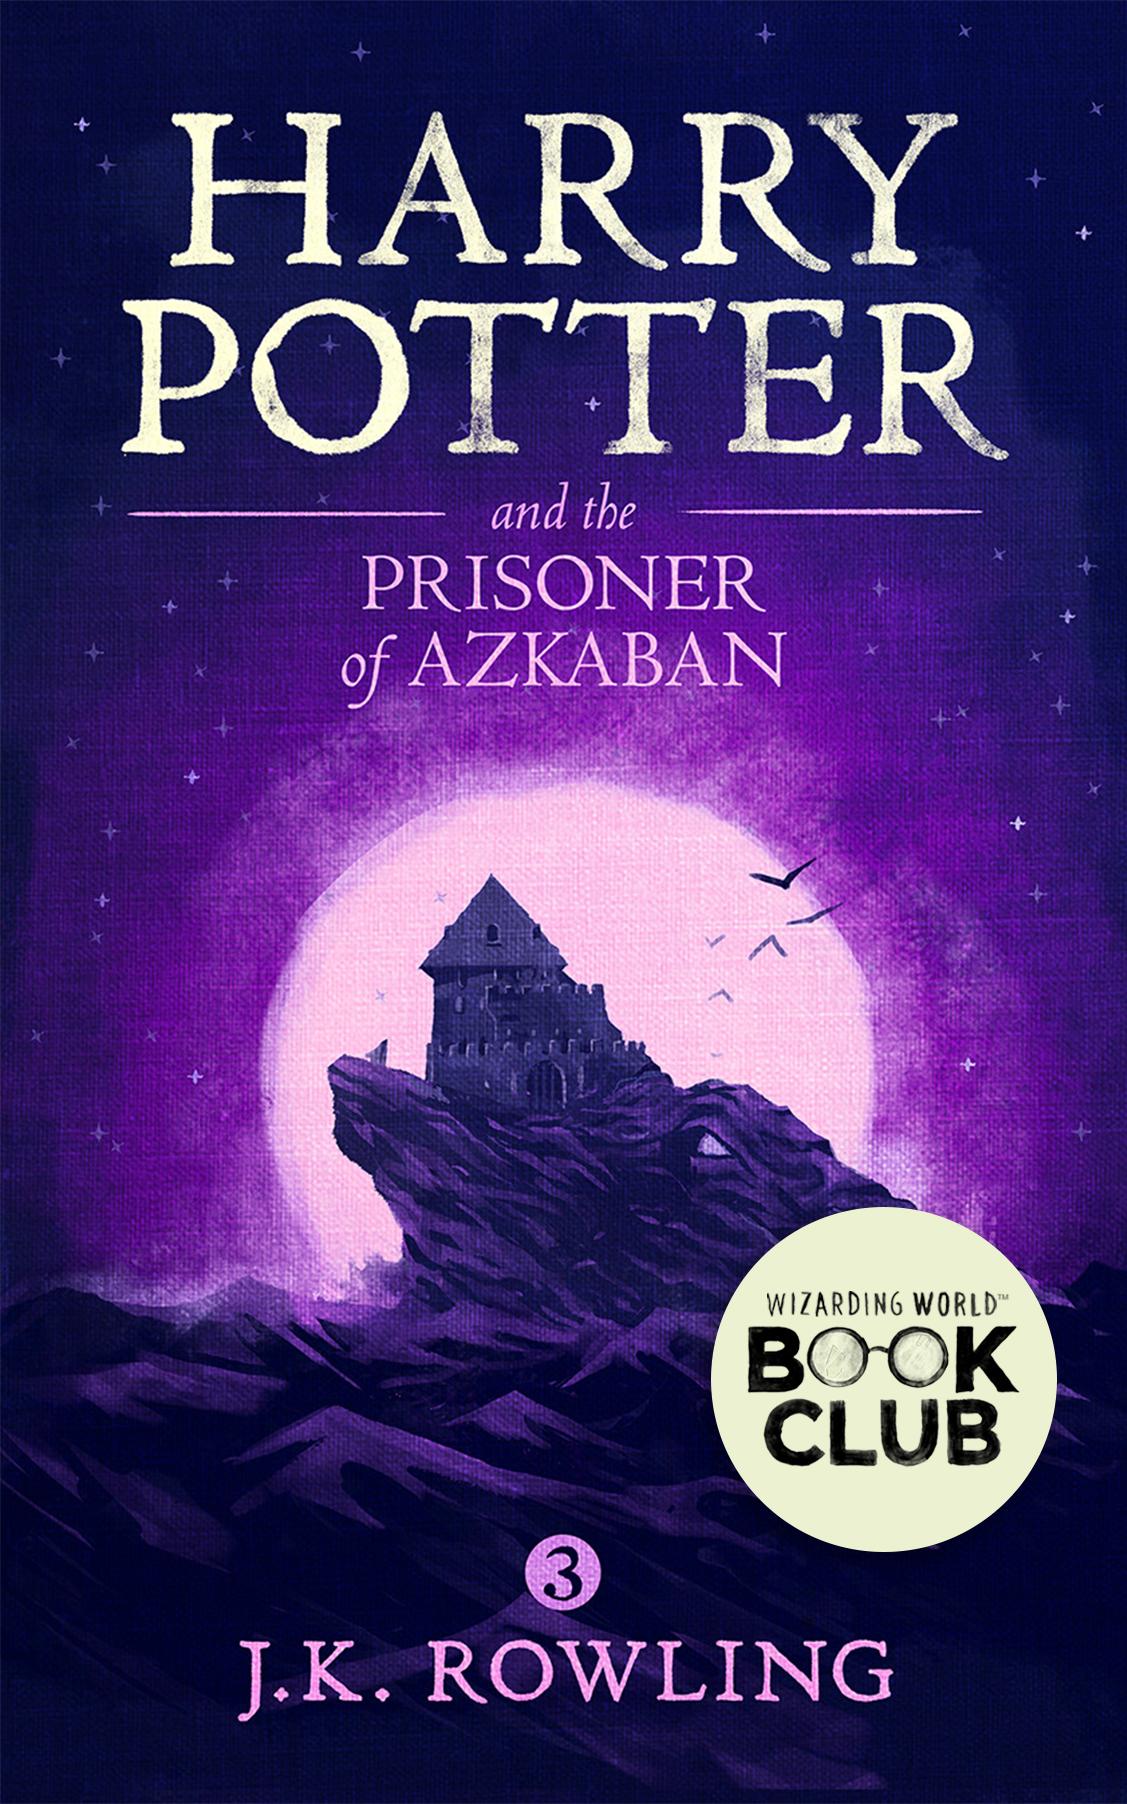 Harry Potter and the Prisoner of Azkaban |